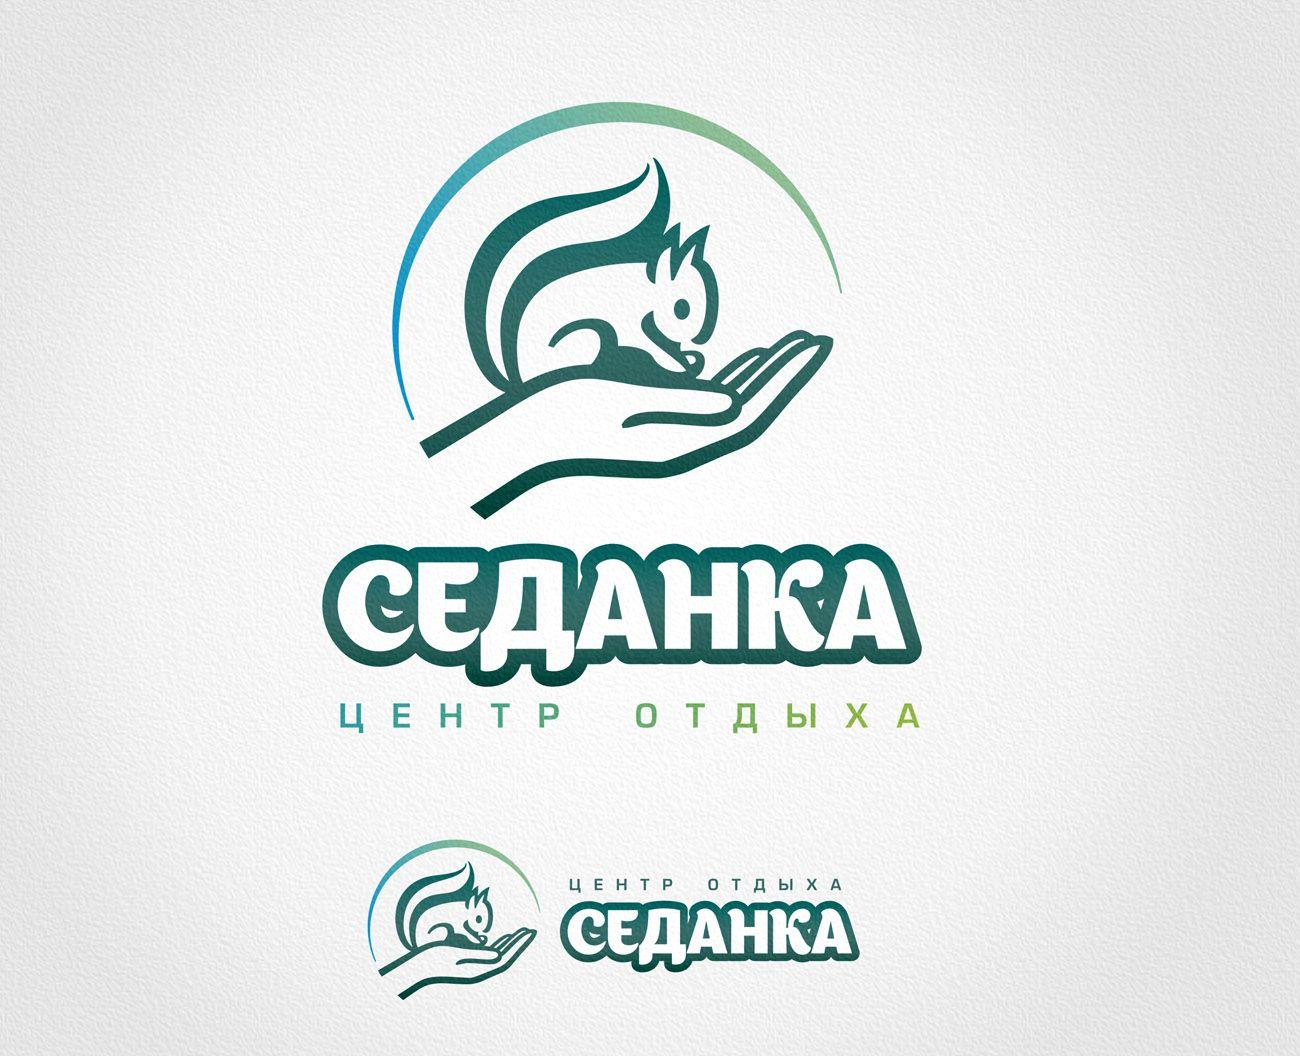 Логотип для центра отдыха - дизайнер Zheravin